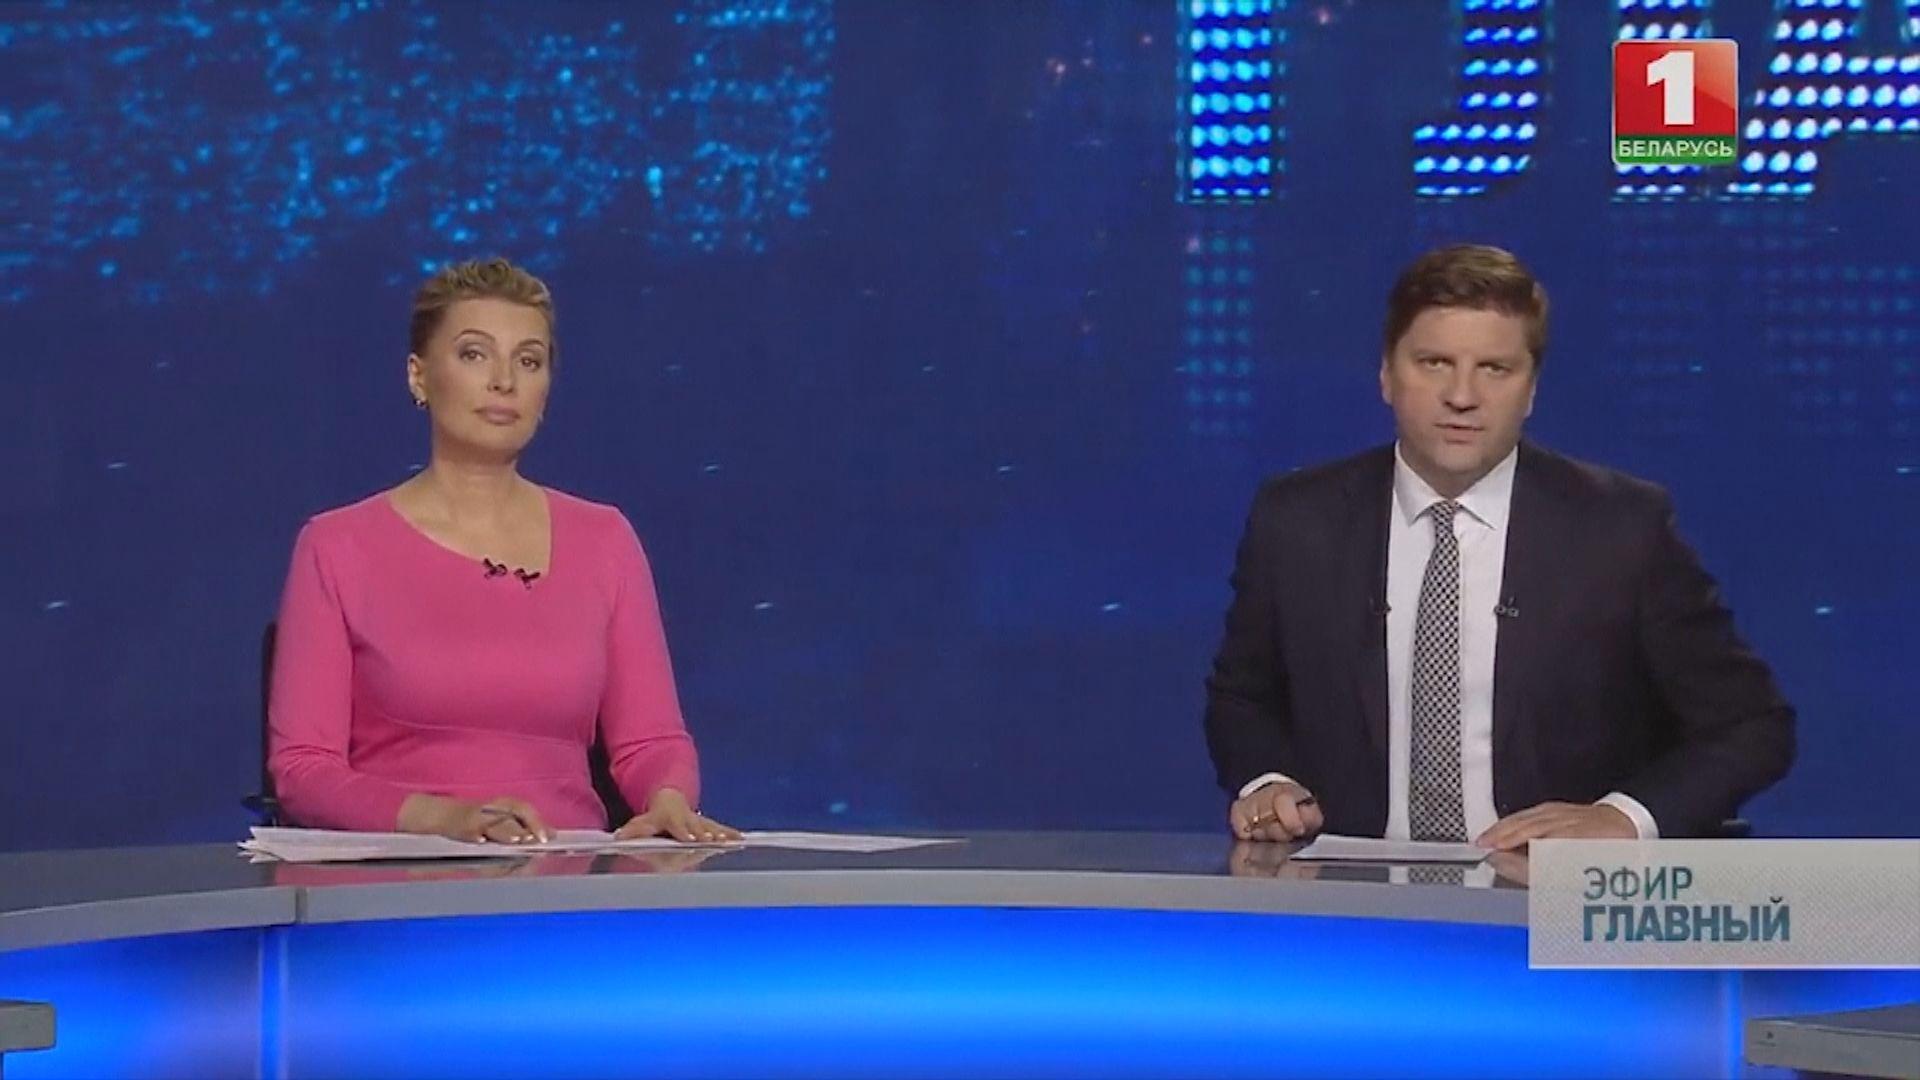 白俄國營傳媒斥齊馬諾斯卡雅製造醜聞